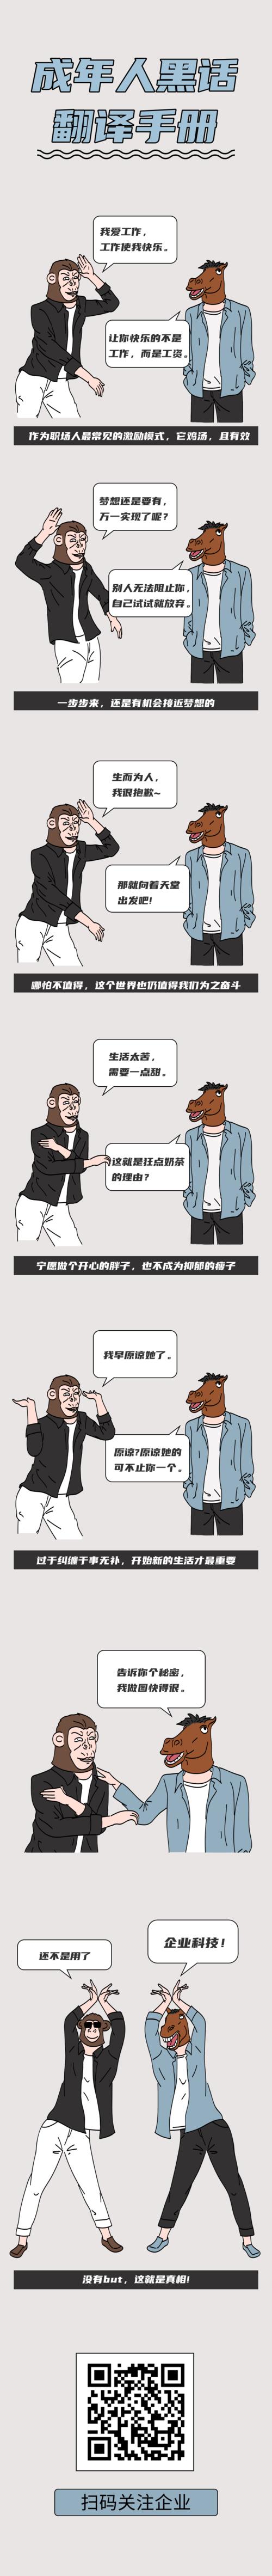 趣味条漫成年人黑话翻译手册